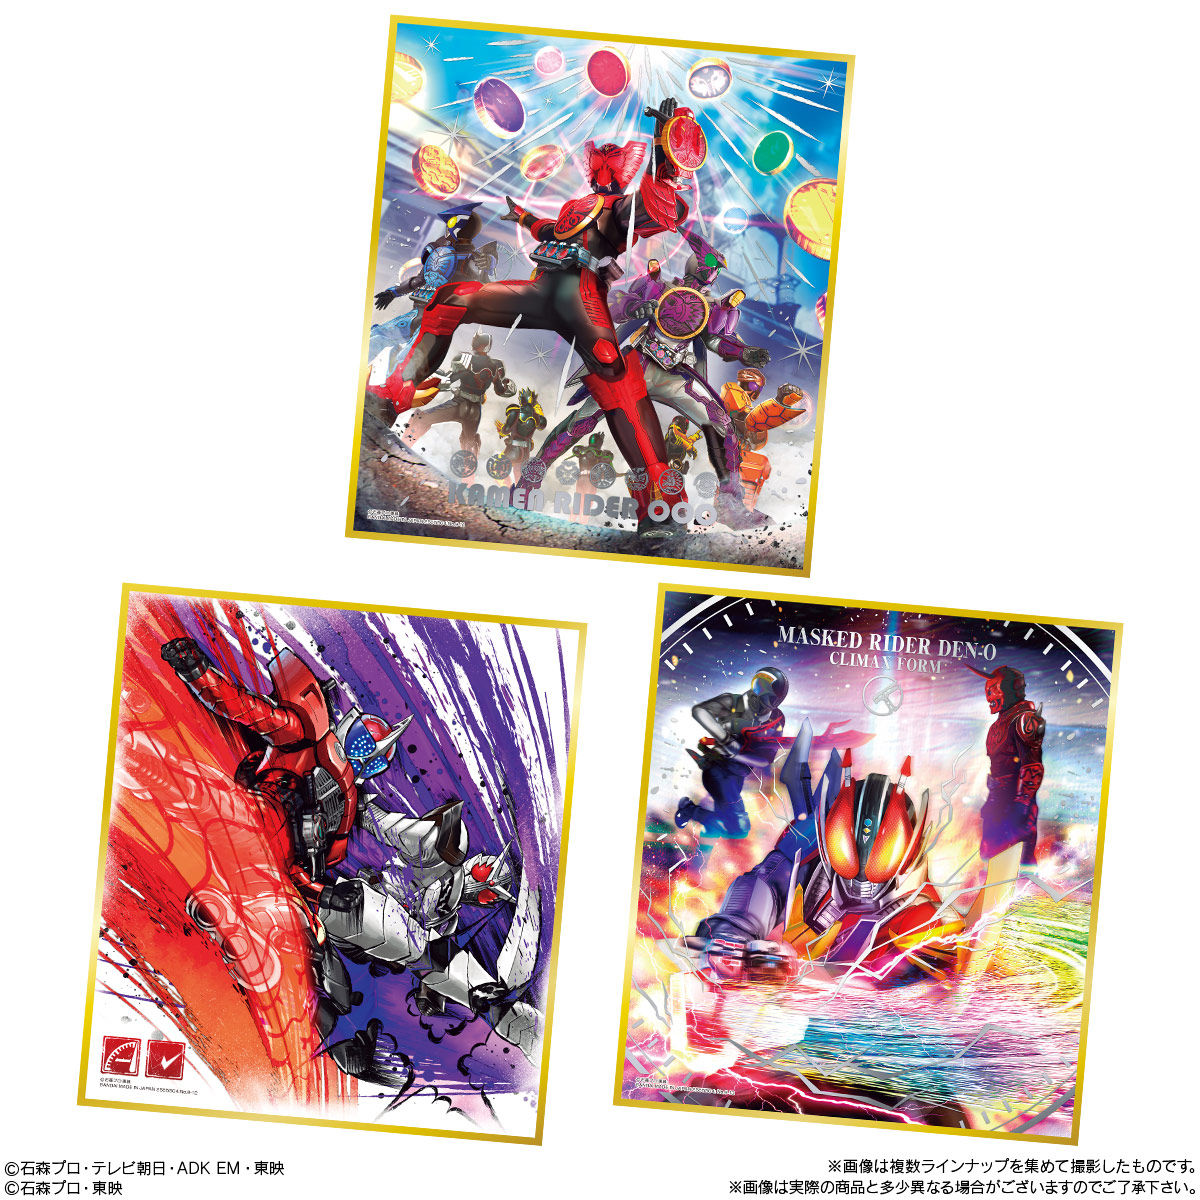 【食玩】『仮面ライダー 色紙ART8』10個入りBOX-006